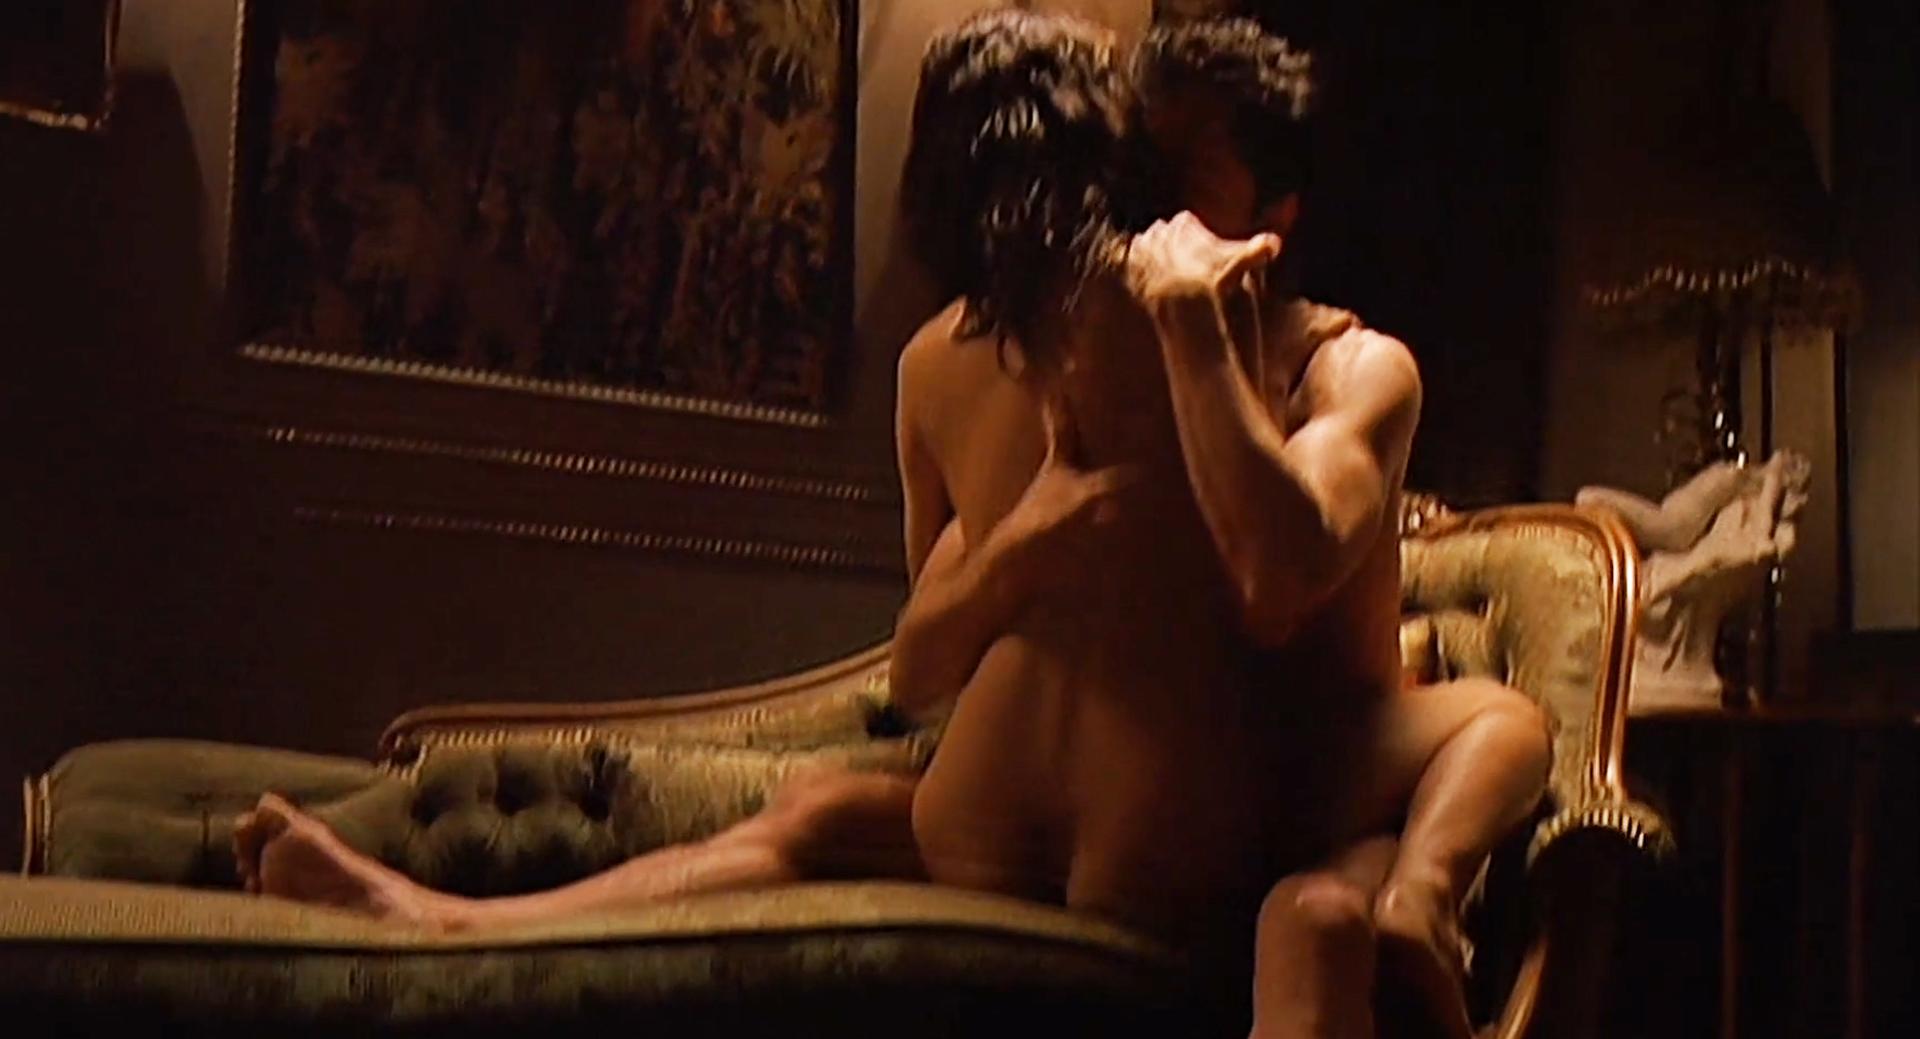 смотреть фильм с сценами секса - 11